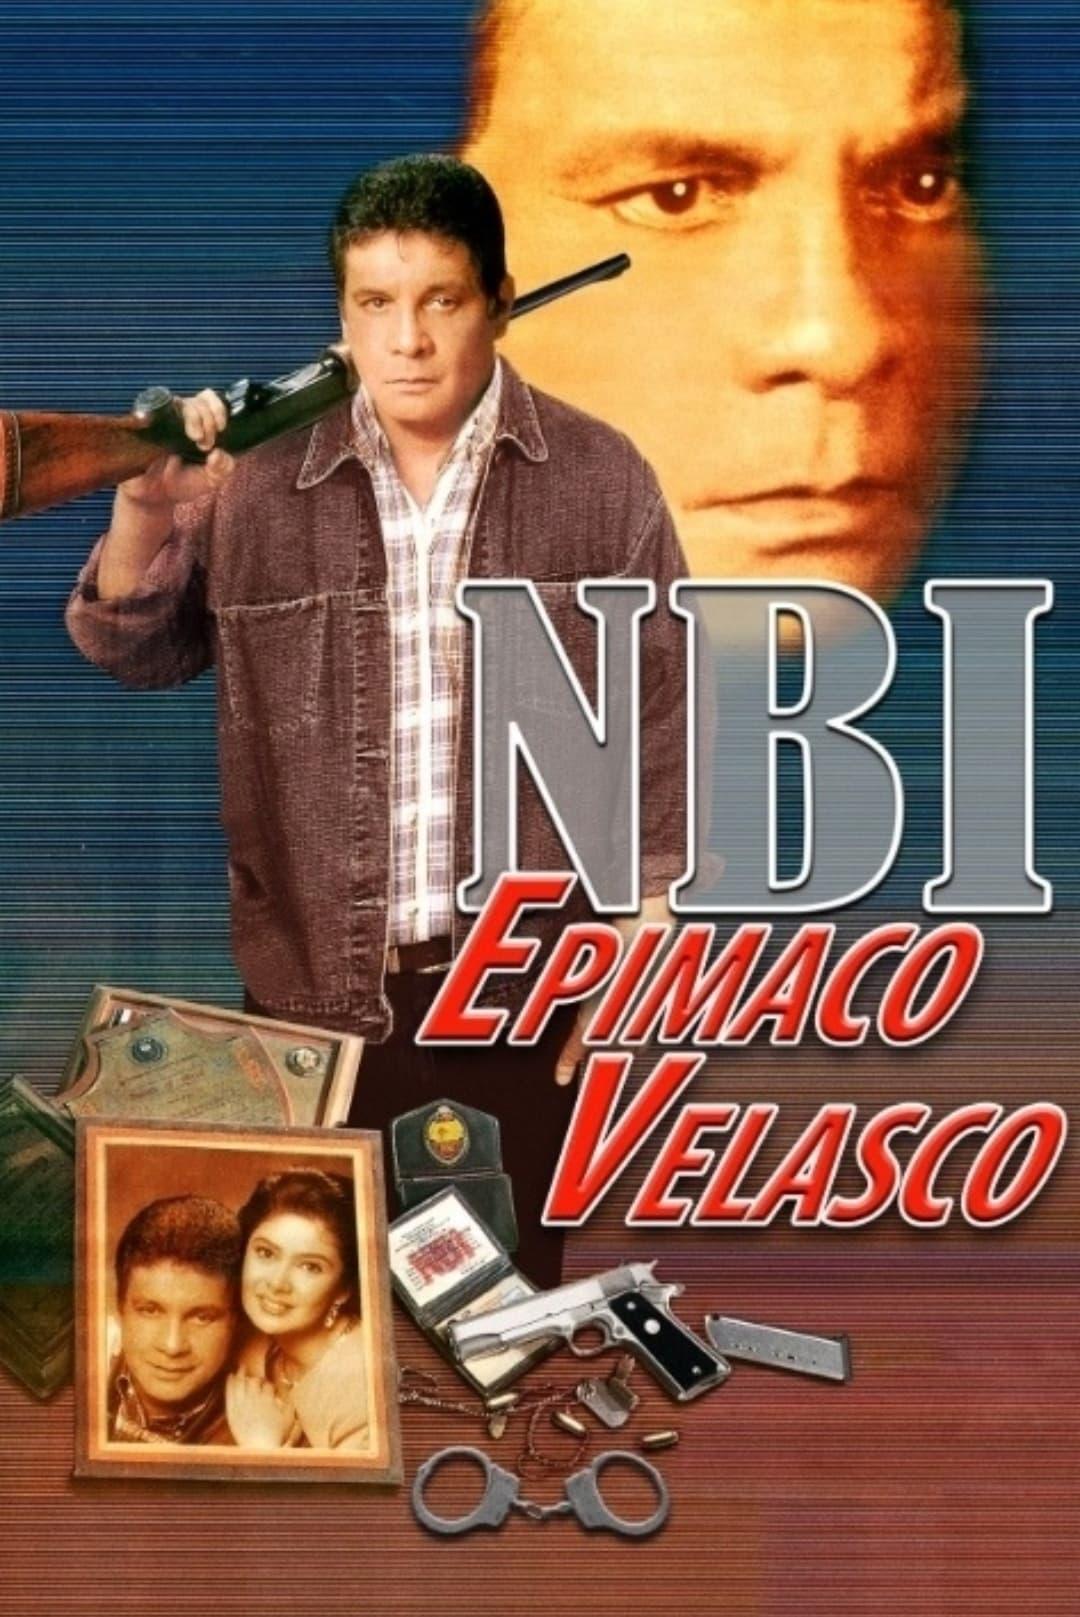 Epimaco Velasco: NBI